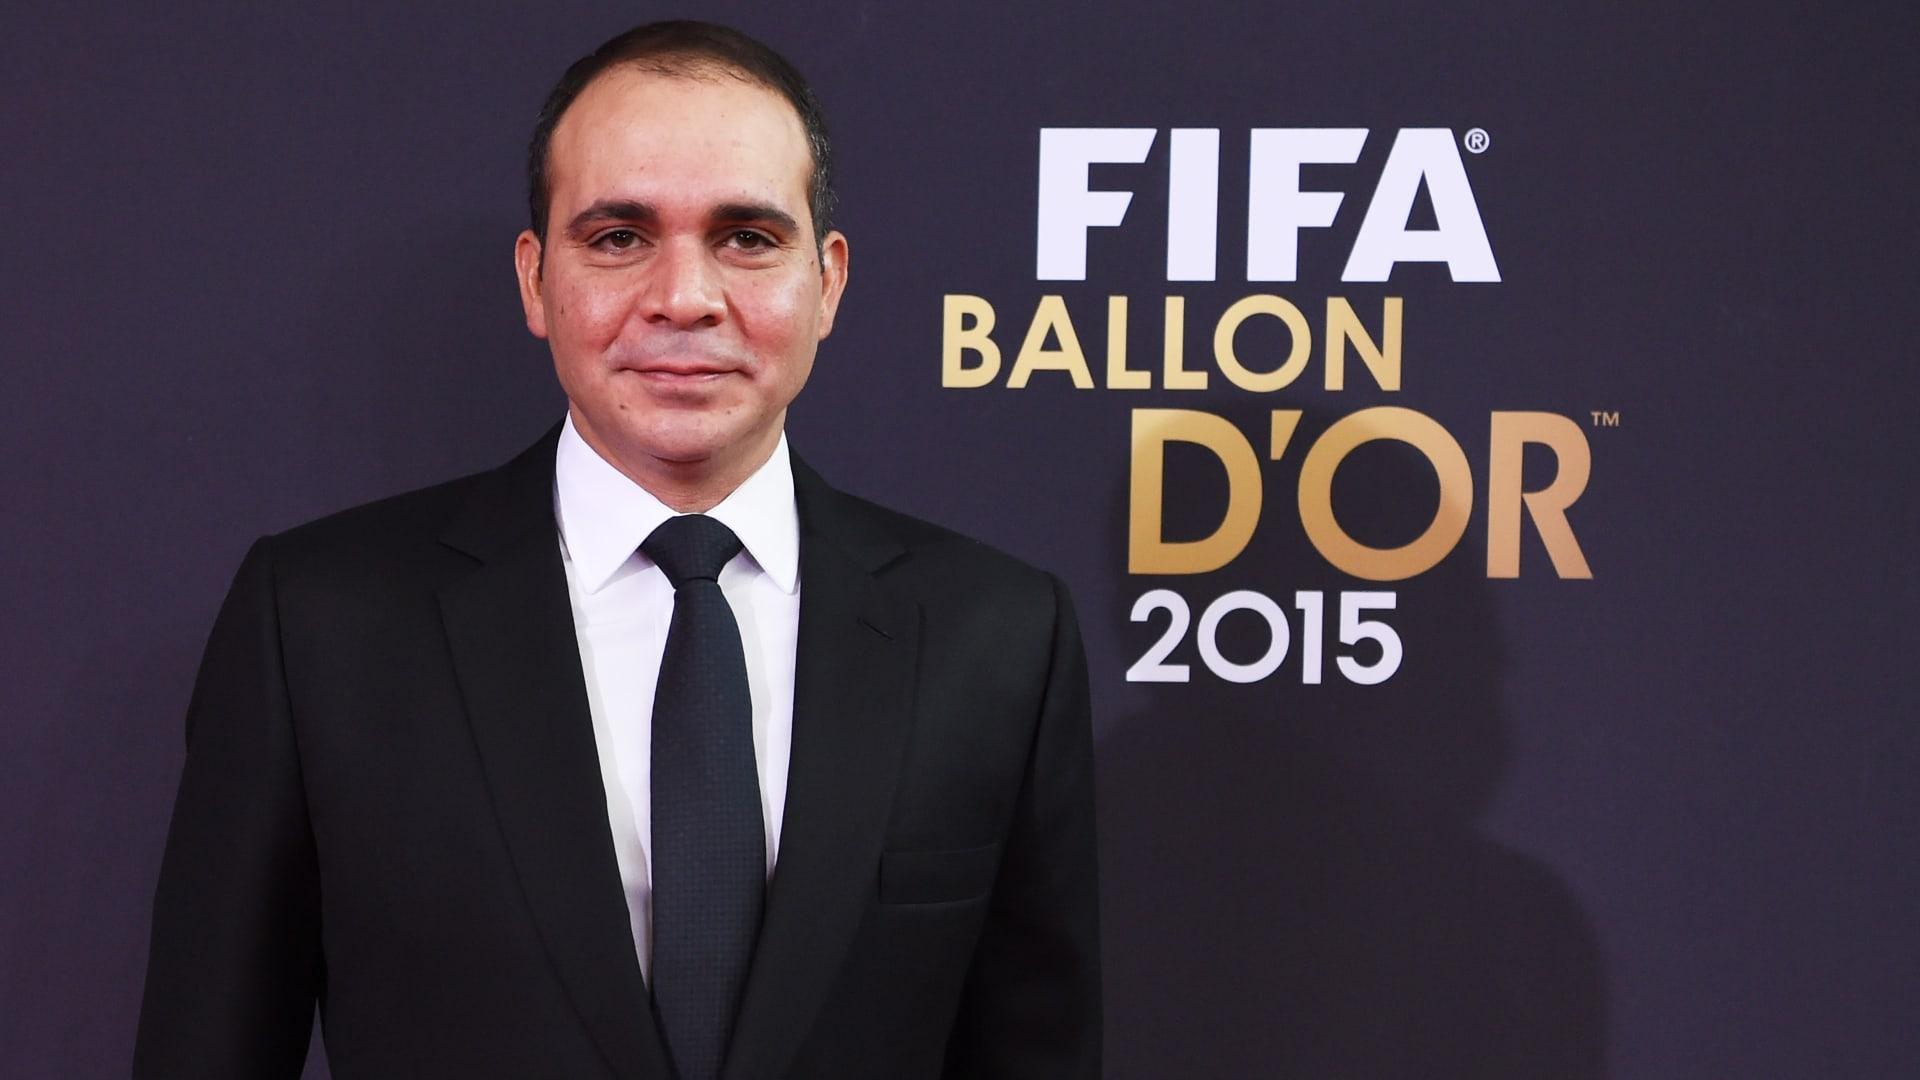 الأمير علي بن الحسين: كرة القدم أداة لتوحيد العالم في وجه الإرهاب